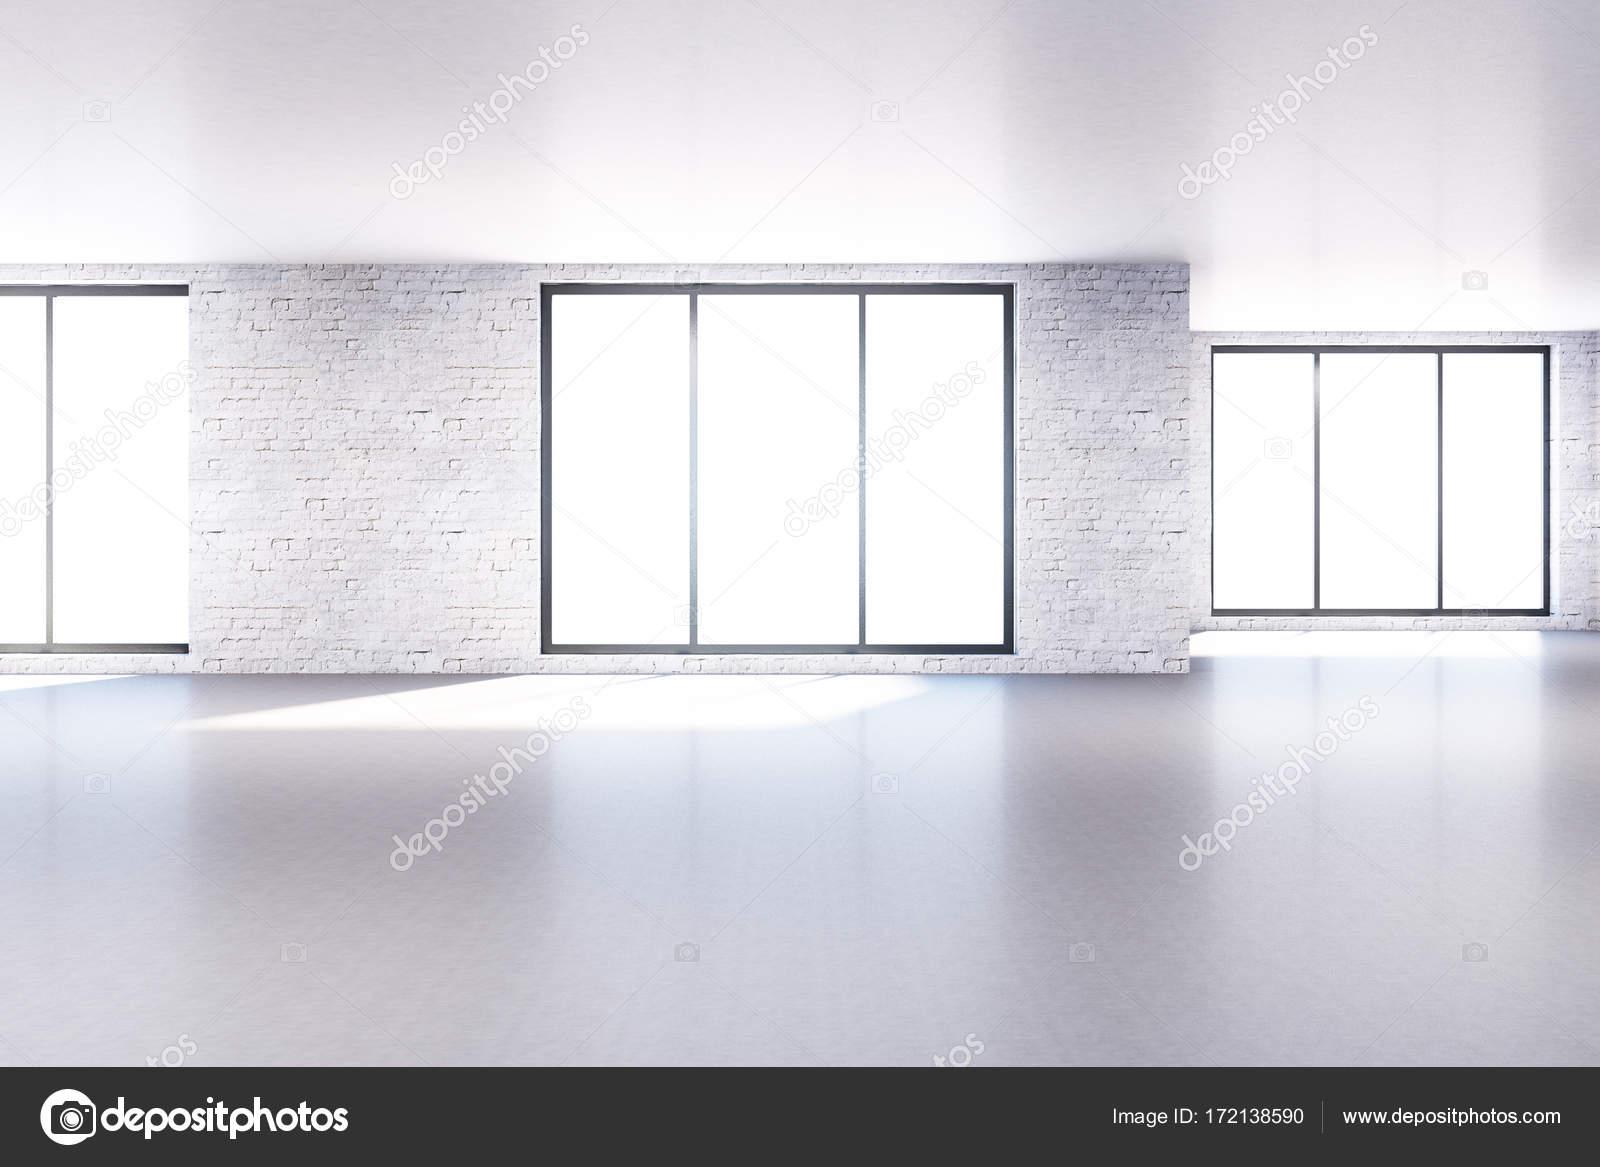 Moderne Ziegel Zimmer mit leeren Wand — Stockfoto © peshkova #172138590